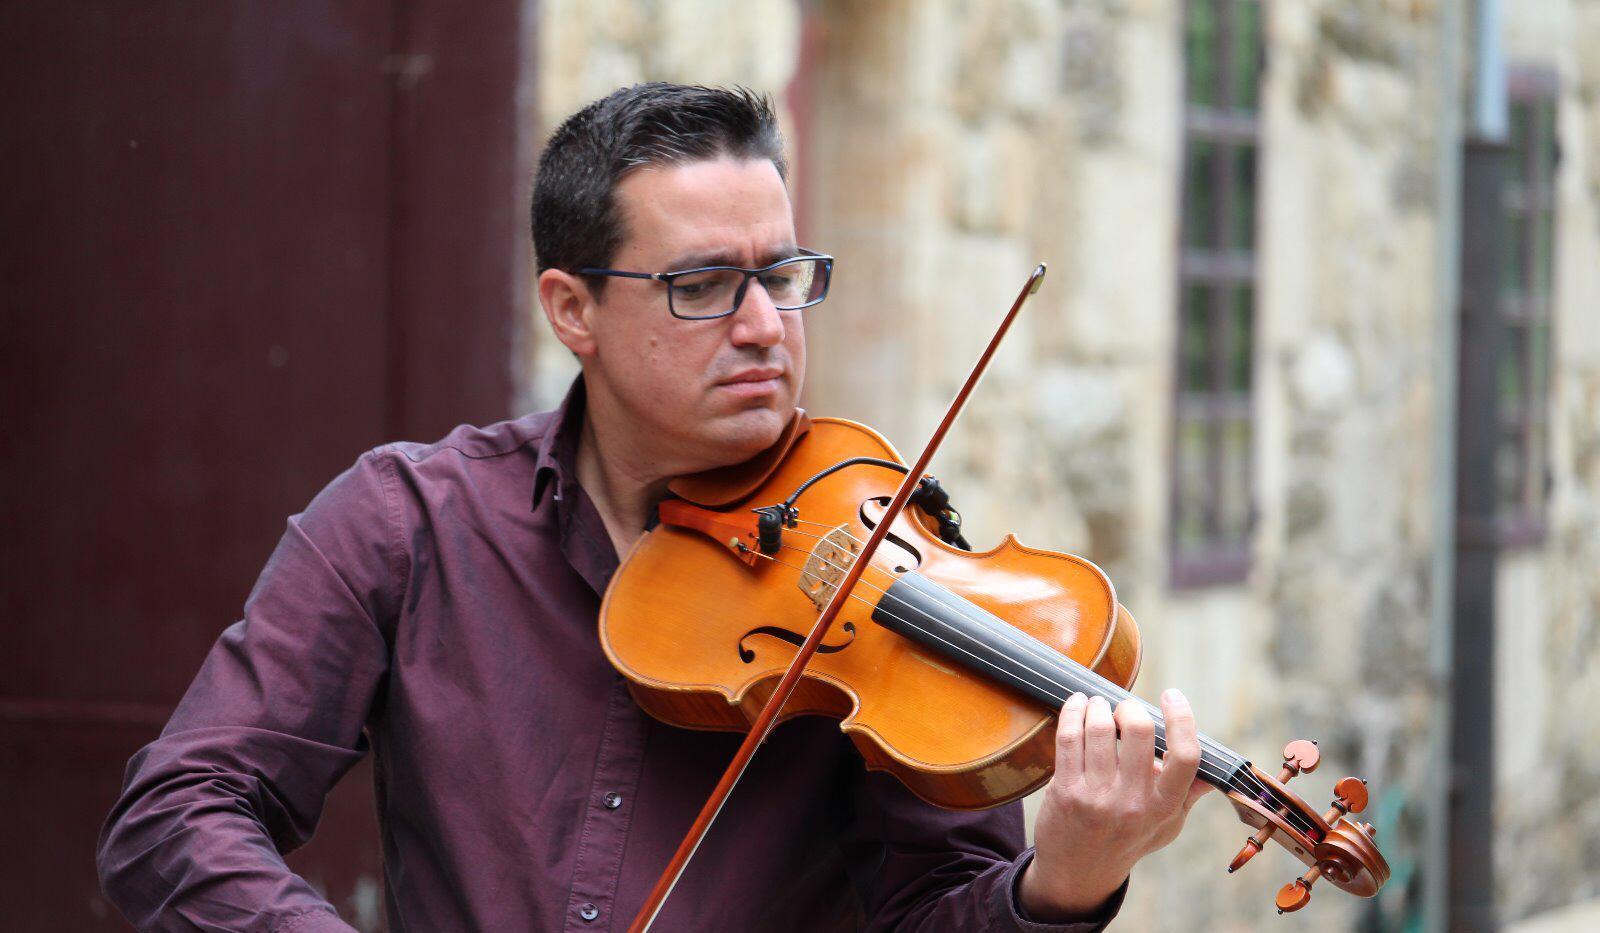 Raymond Arteaga